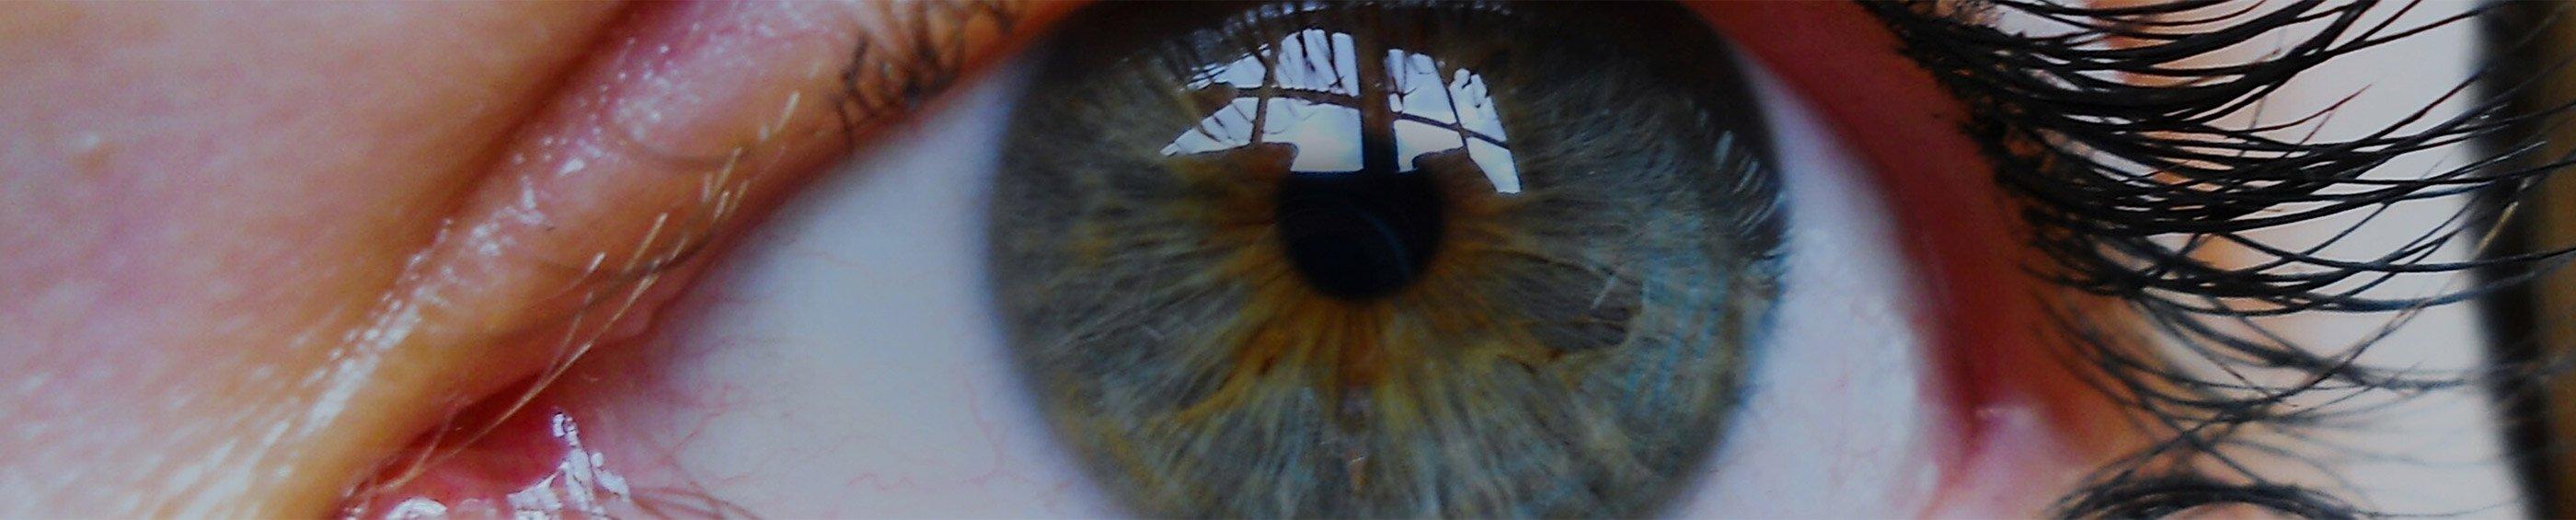 Acercamiento de los ojos azules de una mujer